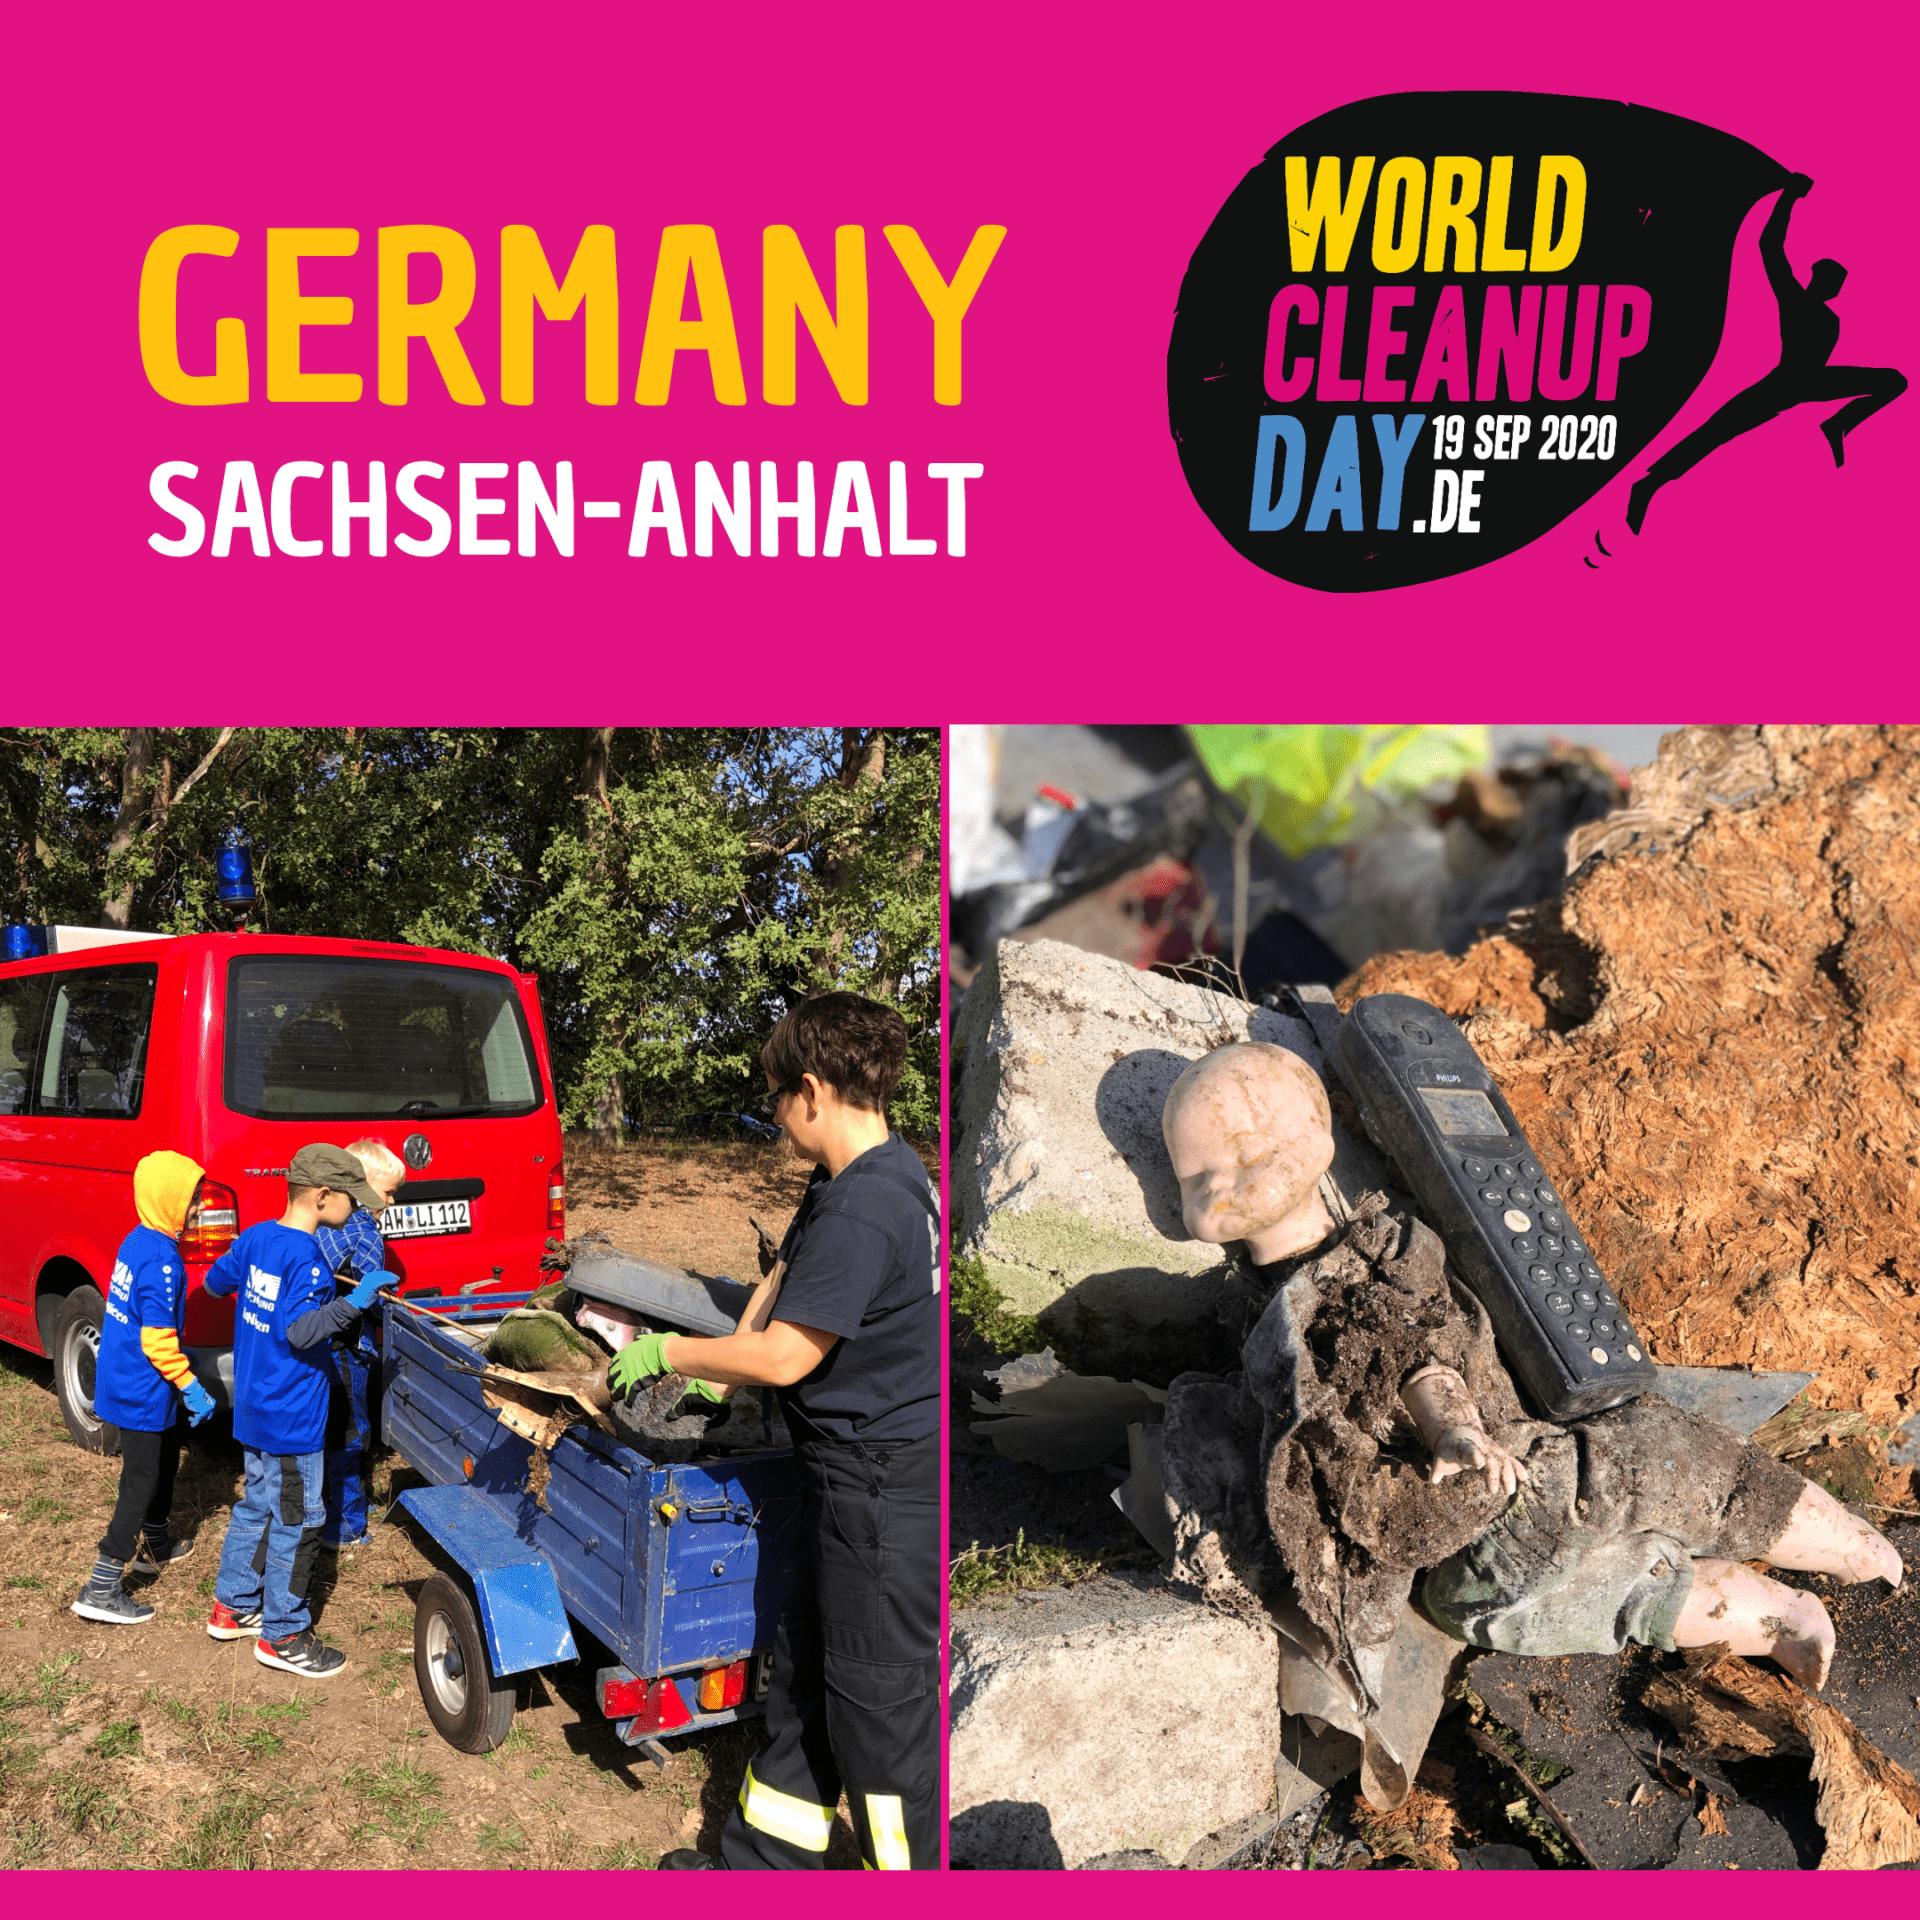 World Cleanup Day 2020 - Stendal räumt auf (Sachsen-Anhalt)